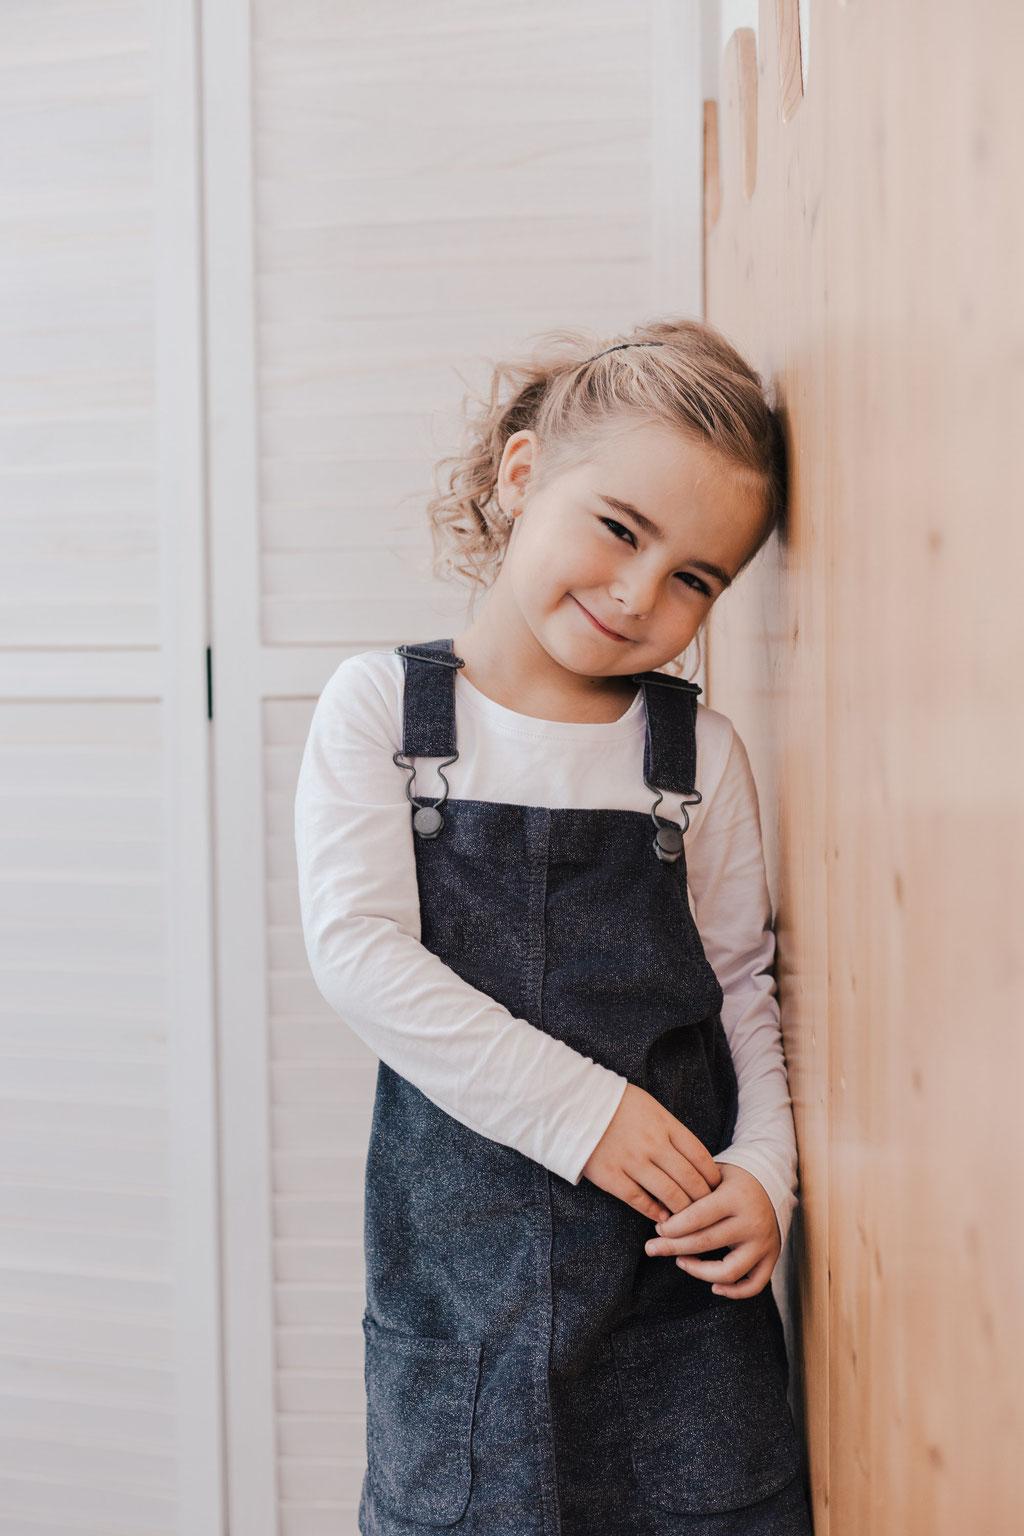 Kindergartenfotografie, Unterallgäu, Kindergarten, Lets make memories, Photographie by Romina, Landkreis Günzburg, Augsburg, Mindelheim, Kindergartenfotos, Kindergartenfotograf